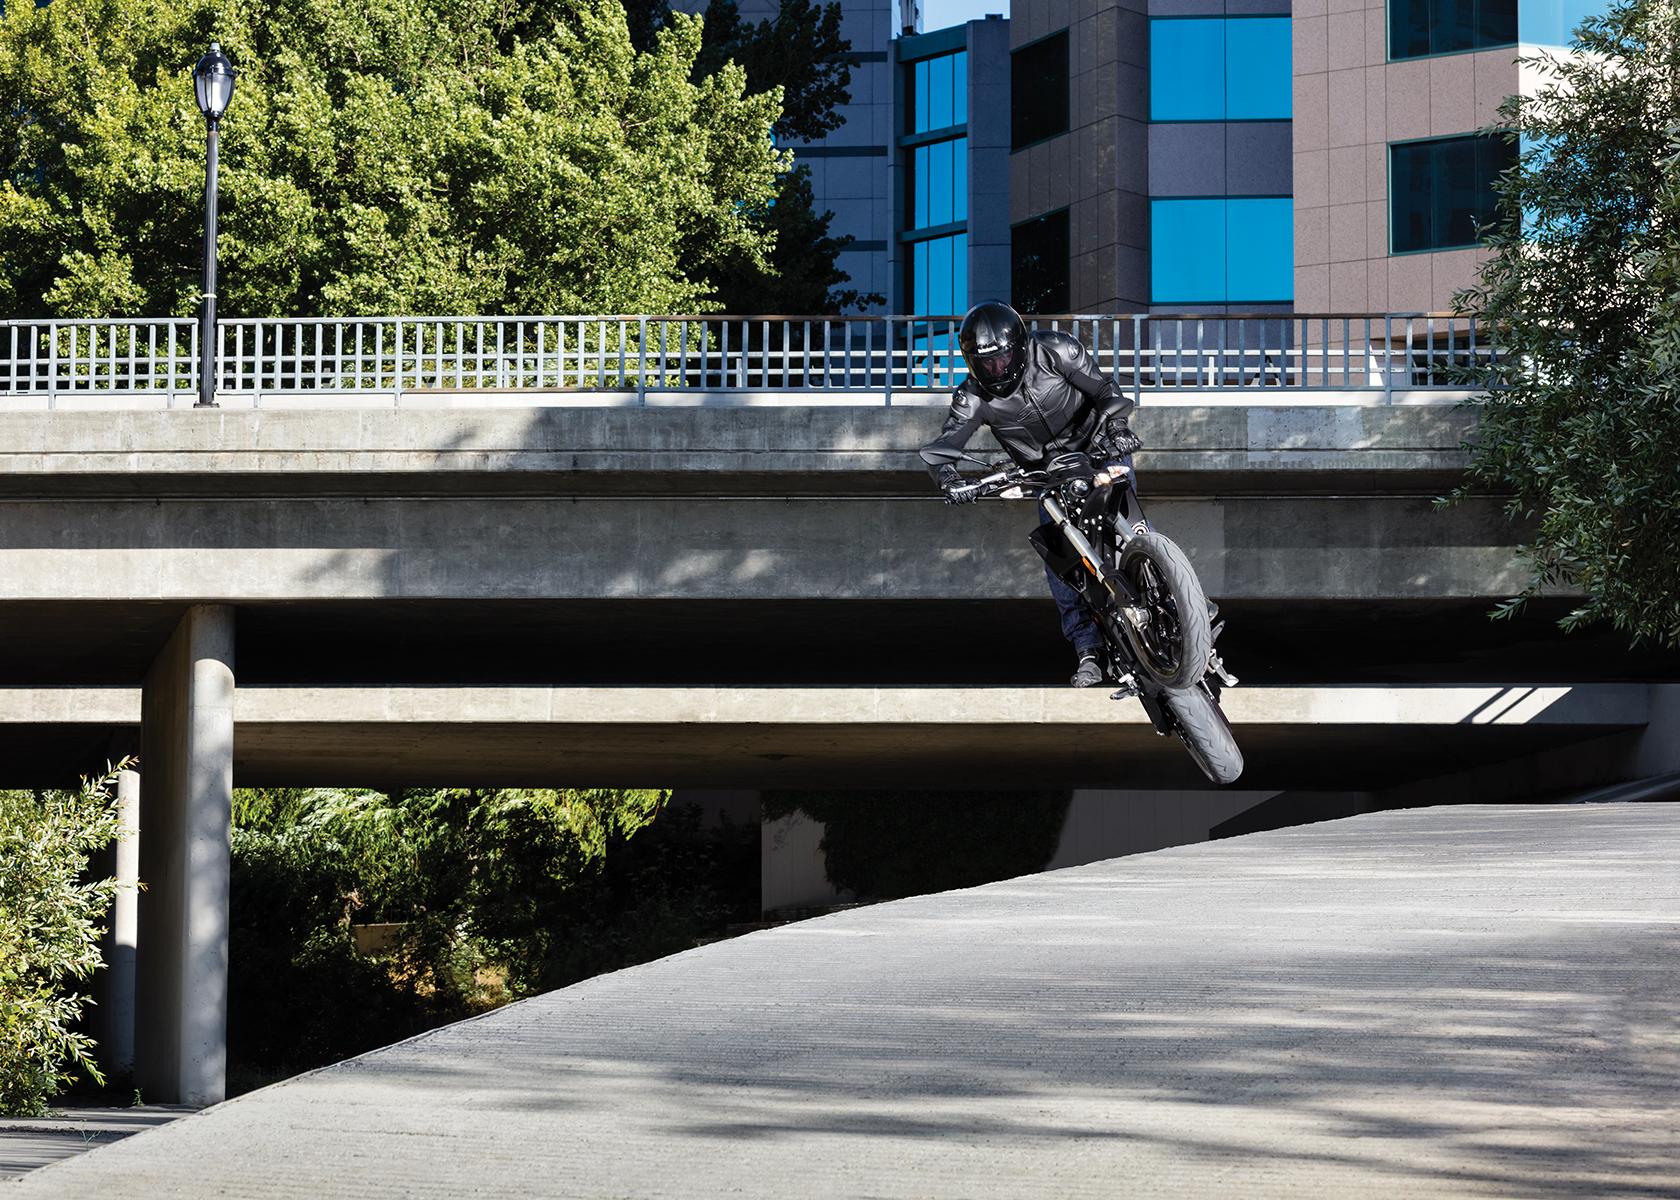 2017 Zero FXS Electric Motorcycle: